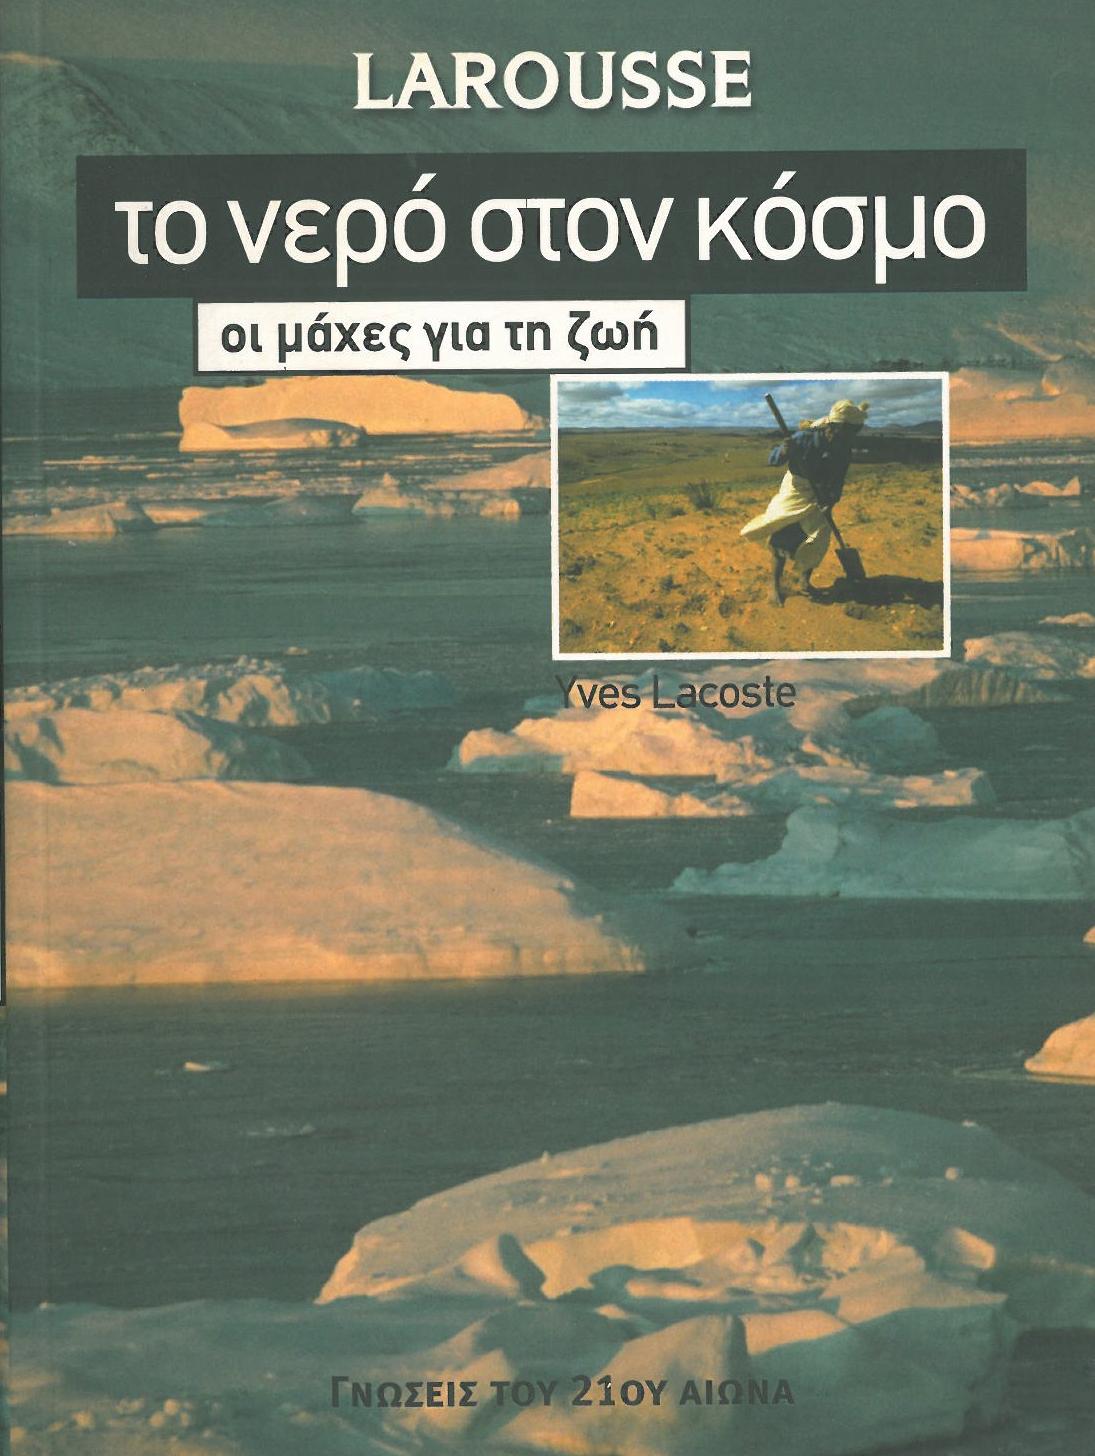 """""""ΤΟ ΝΕΡΟ ΣΤΟΝ ΚΟΣΜΟ"""" εξώφυλλο βιβλίου"""